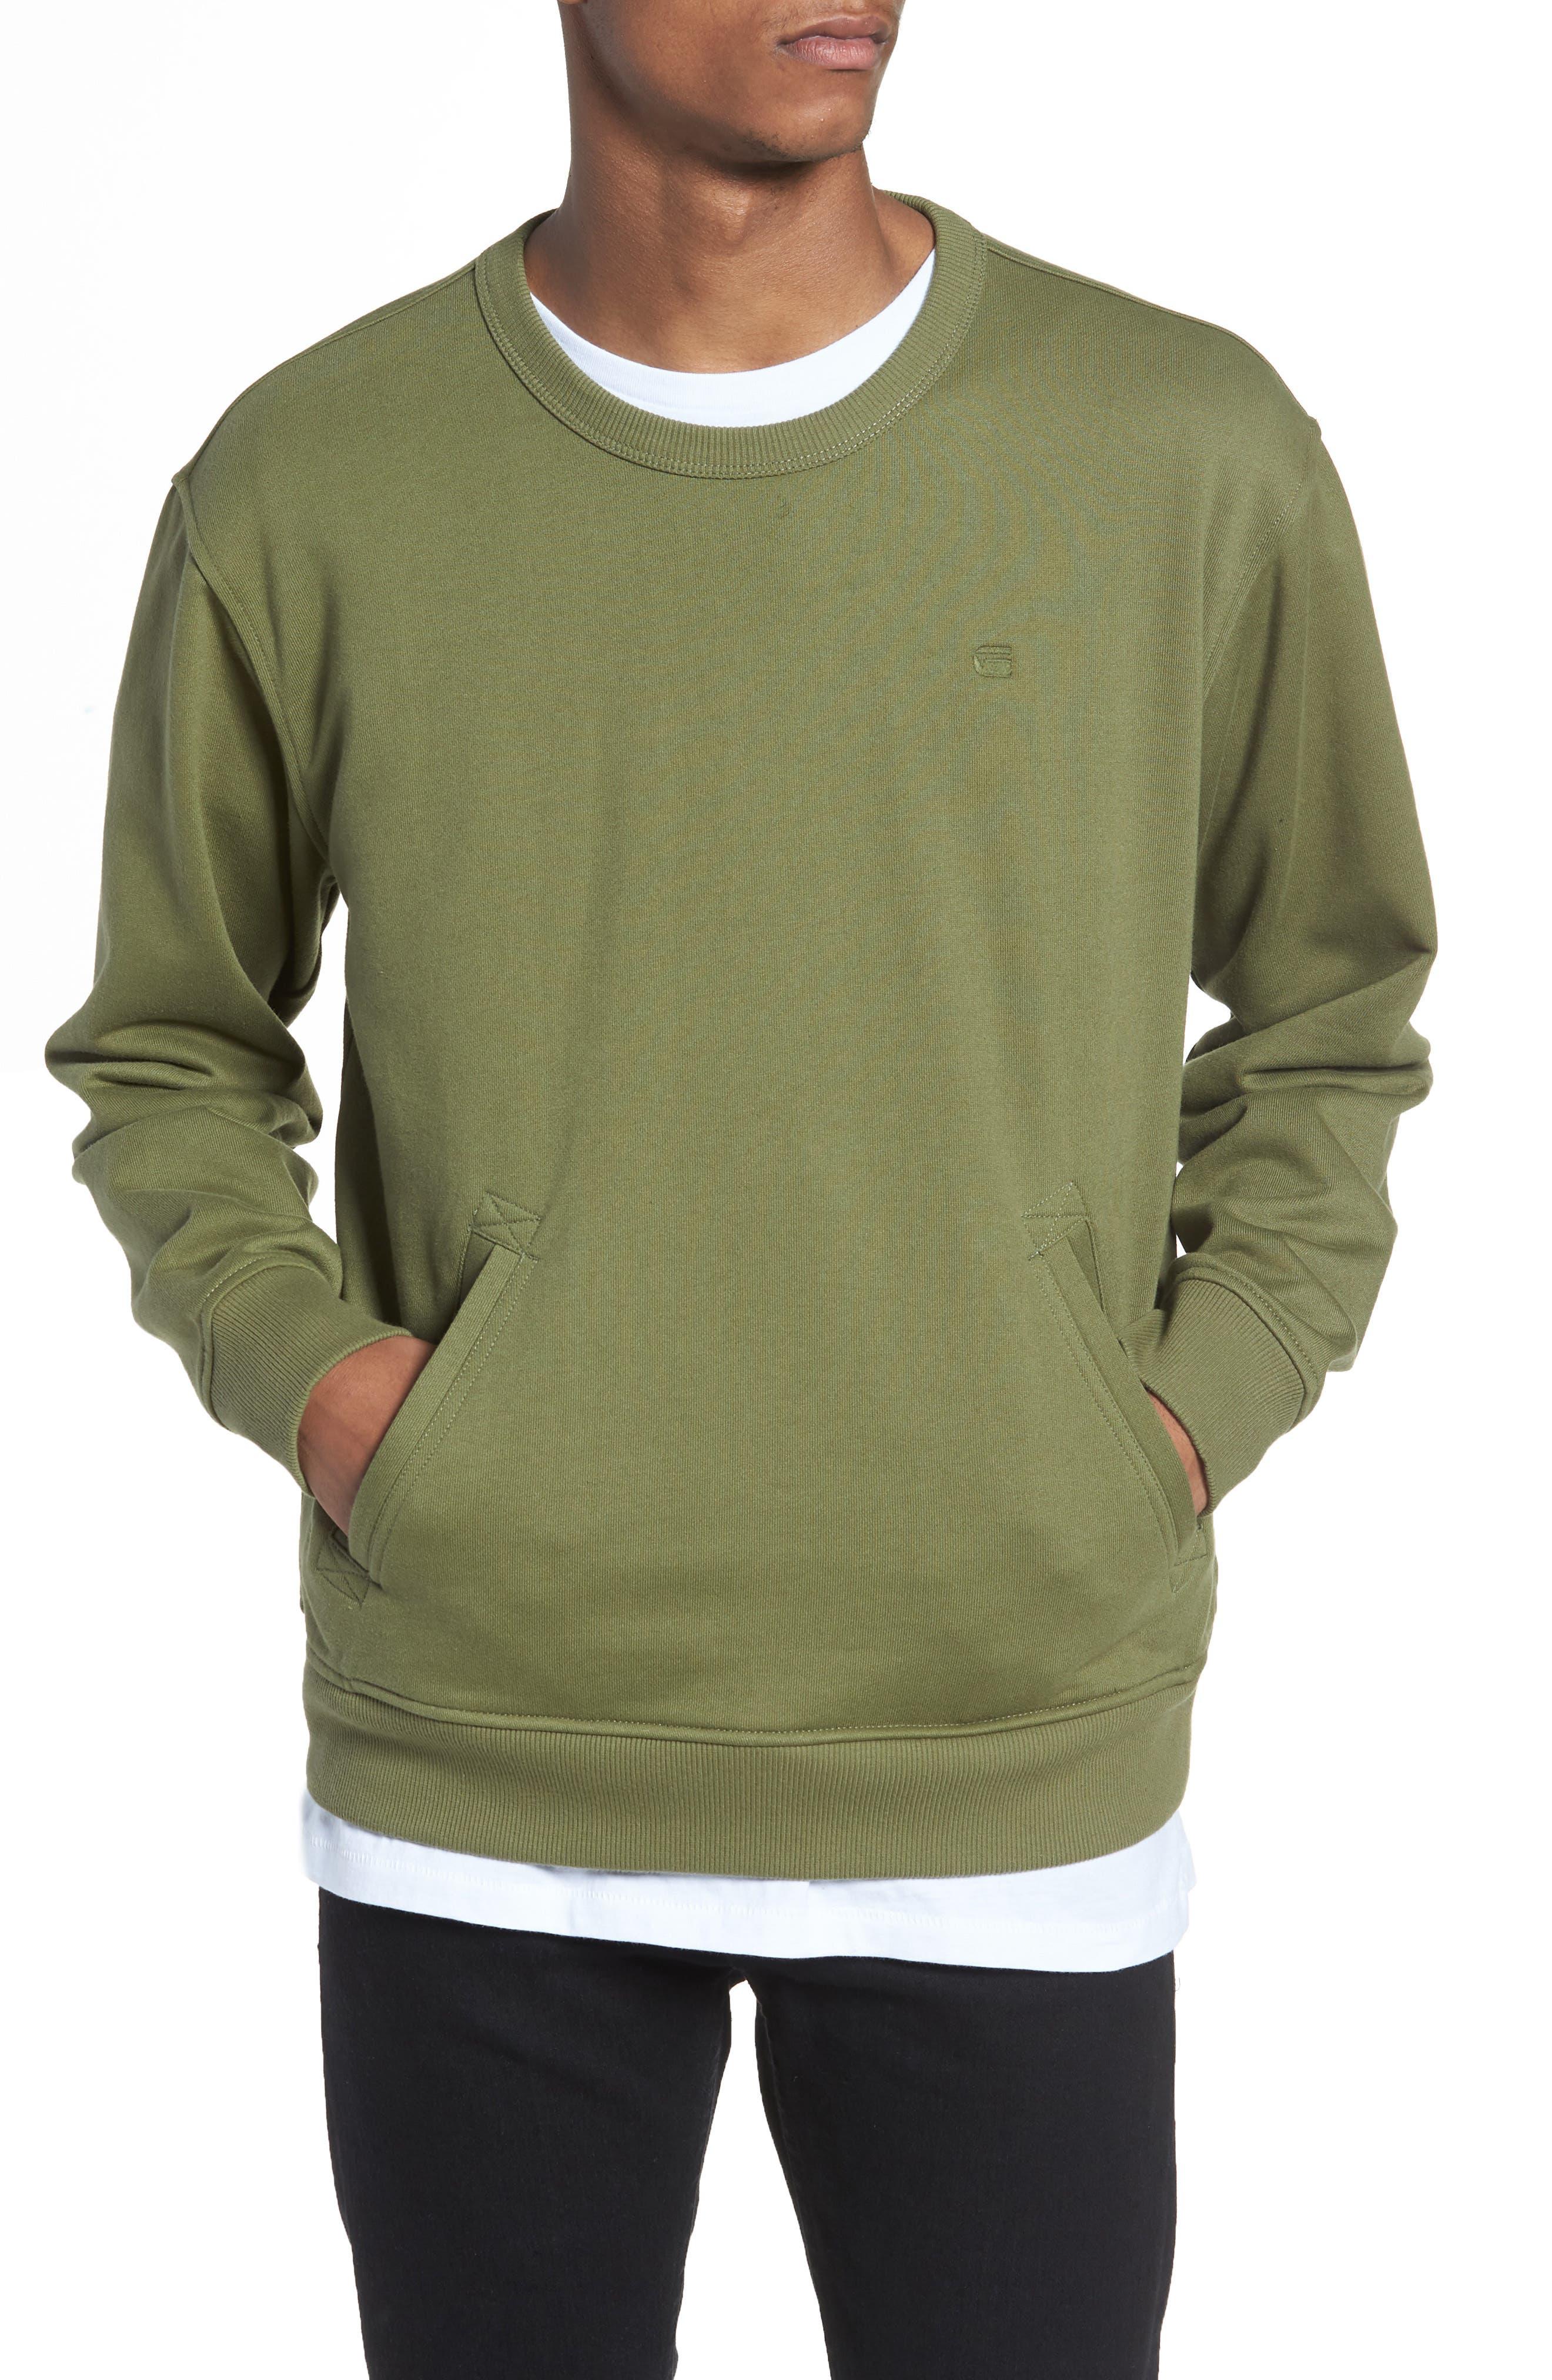 Core Hybrid Archive Sweatshirt,                             Main thumbnail 1, color,                             Sage